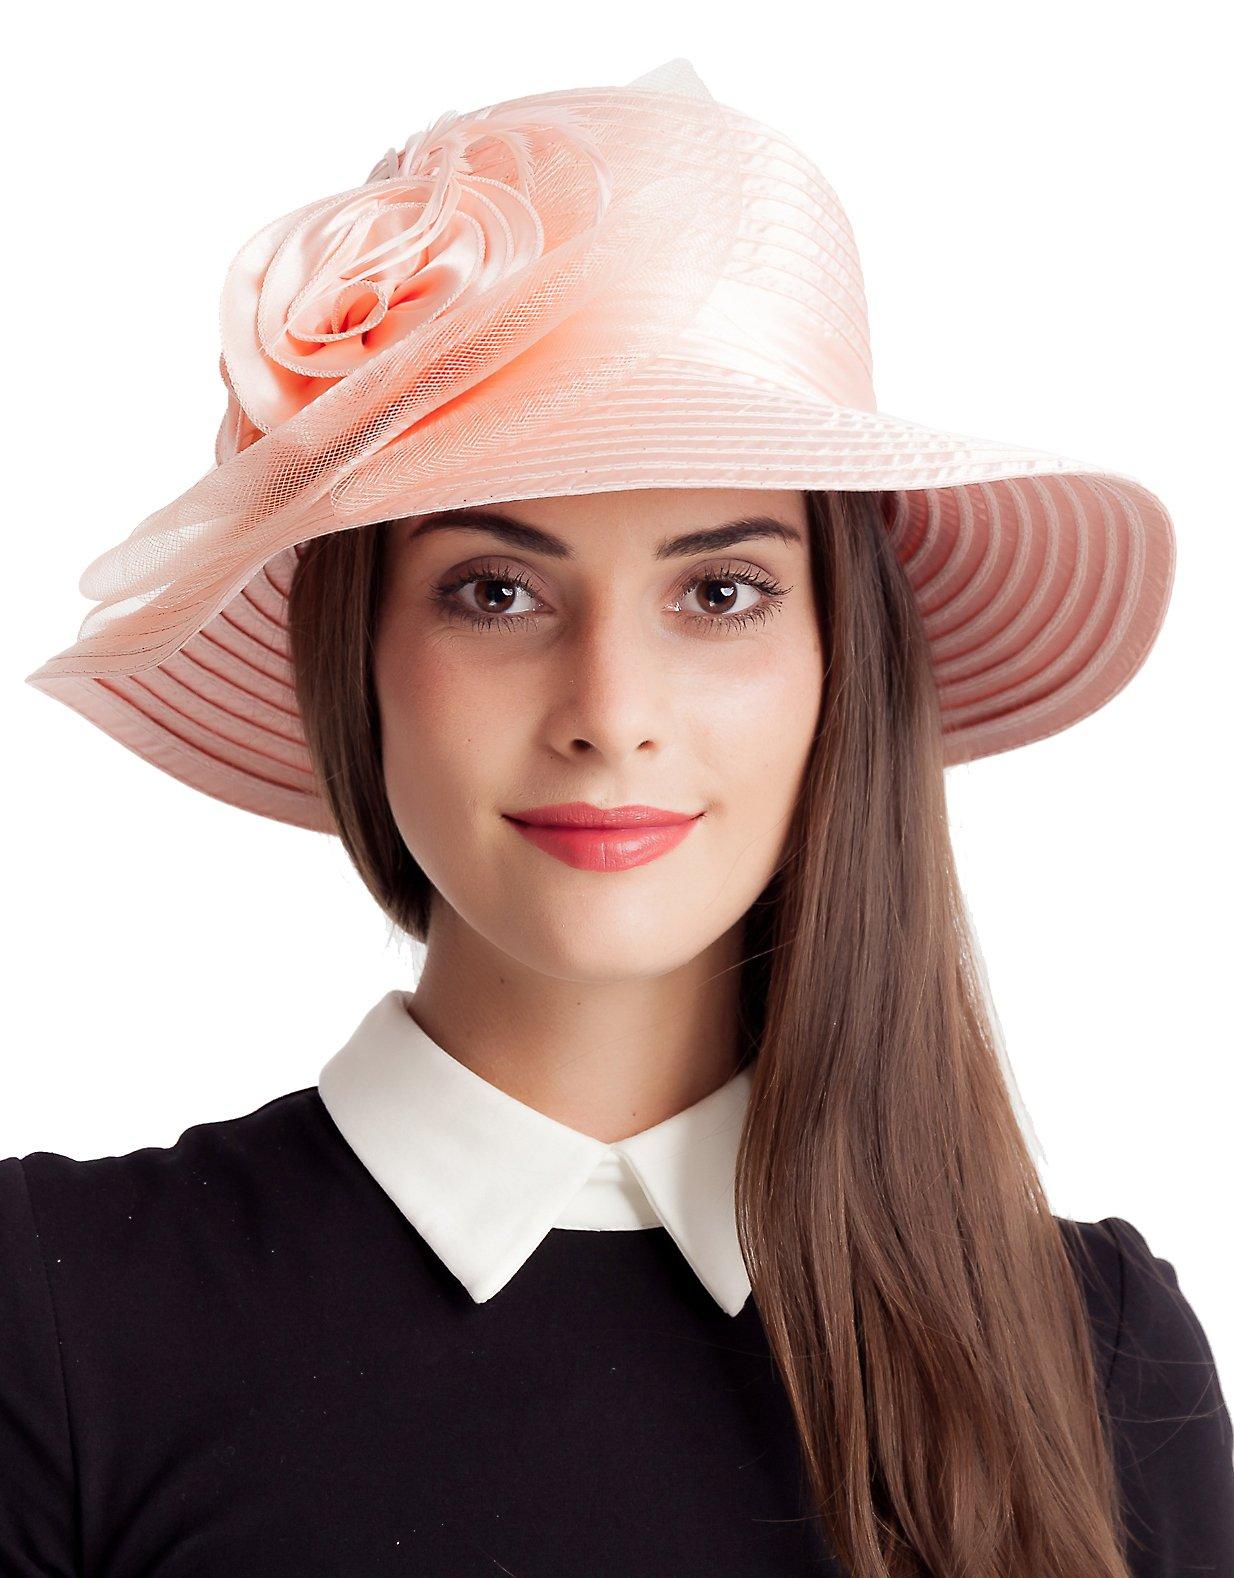 Seven Flowers Kentucky Derby Hat Women Summer Sun Hats Easter British Cloche Tea Party Church Wedding Hats (8-Pink)